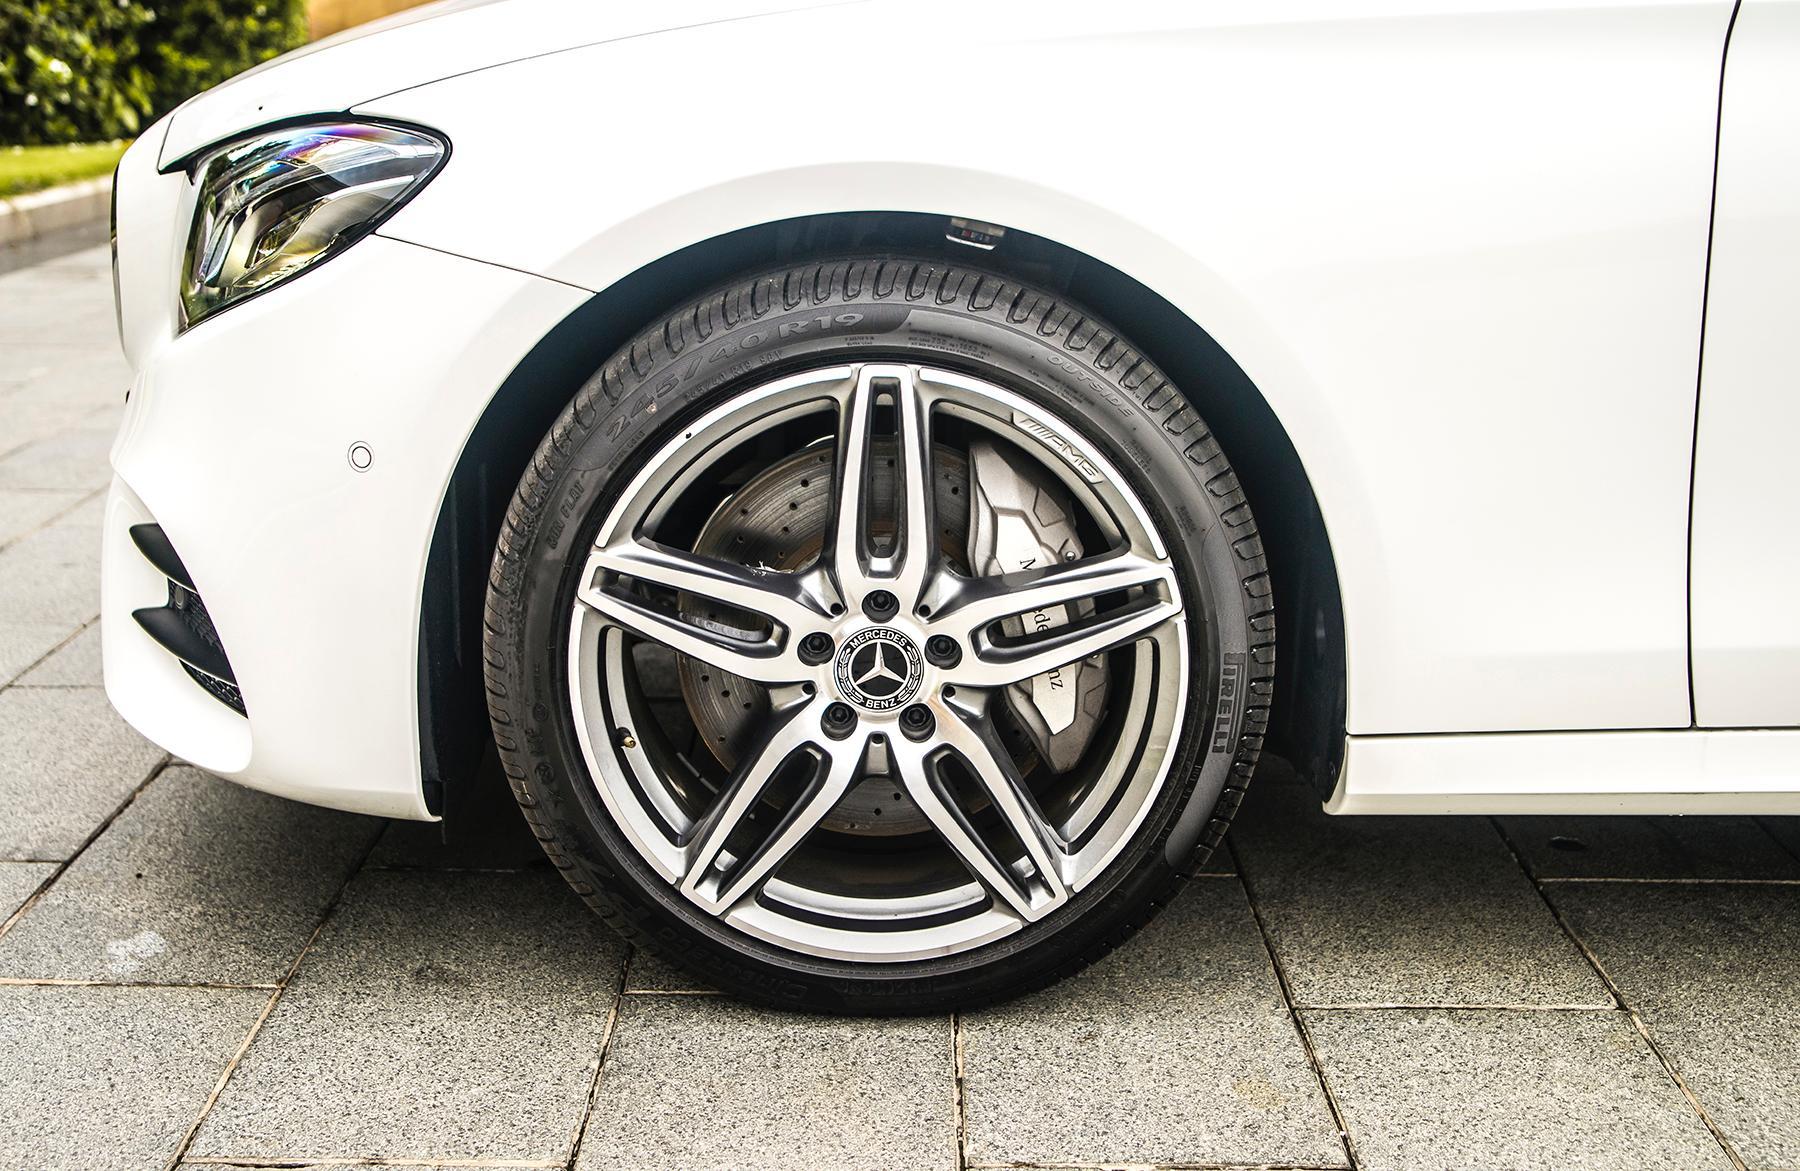 Mercedes-Benz E 350 AMG - phiên bản mạnh nhất dòng E-Class có giá 2,89 tỉ đồng - 14